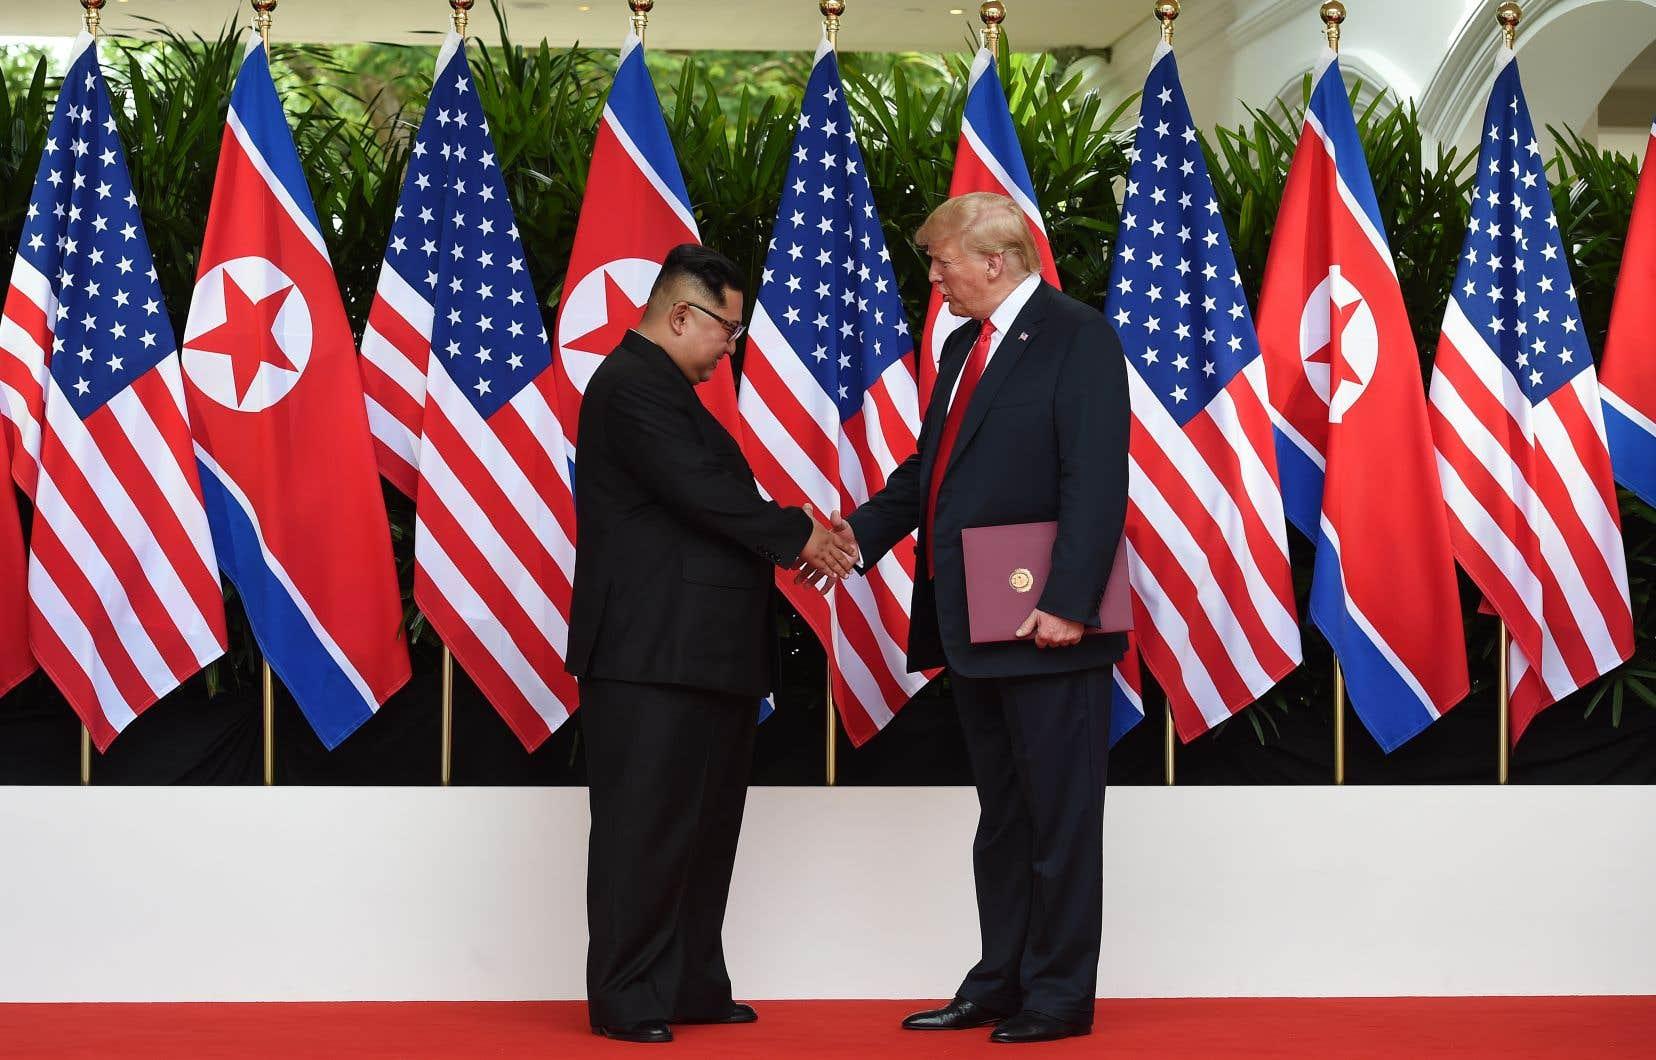 En juin dernier, Donald Trump etKim Jong-un s'étaient rencontrés à Singapour pour un sommet historique.